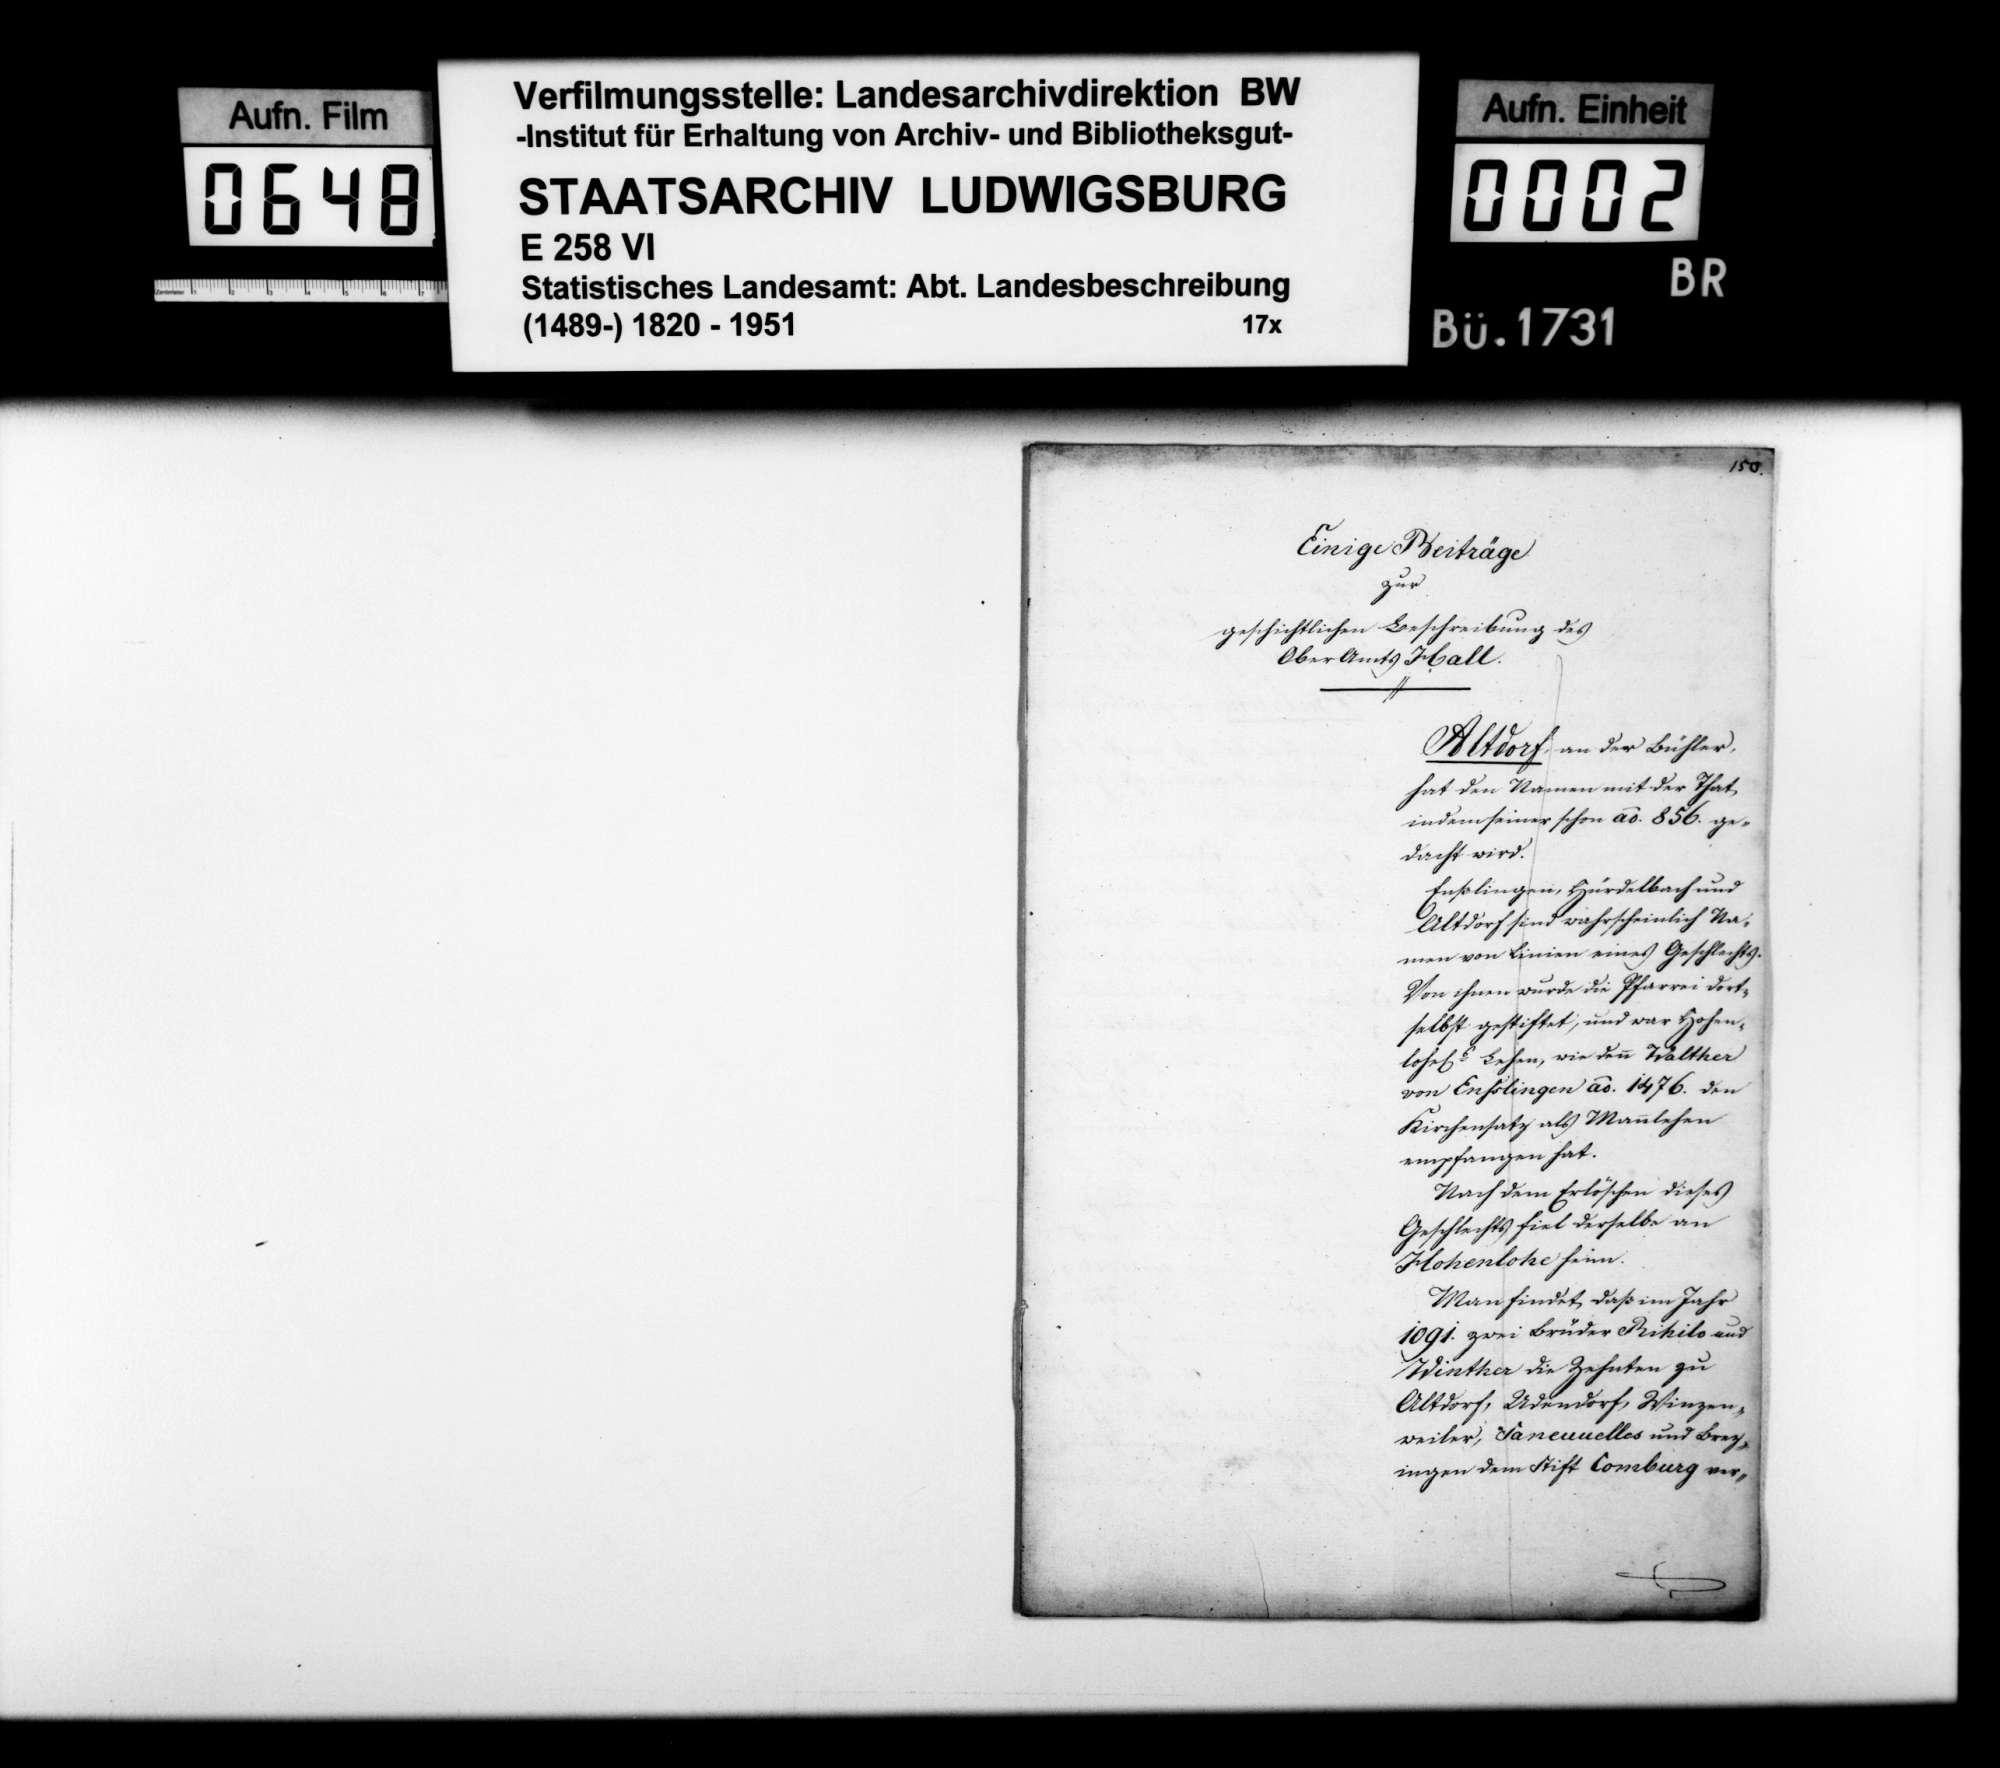 Abhandlung zum Adel und zur Besitzgeschichte einiger Orte im Oberamt, Bild 1